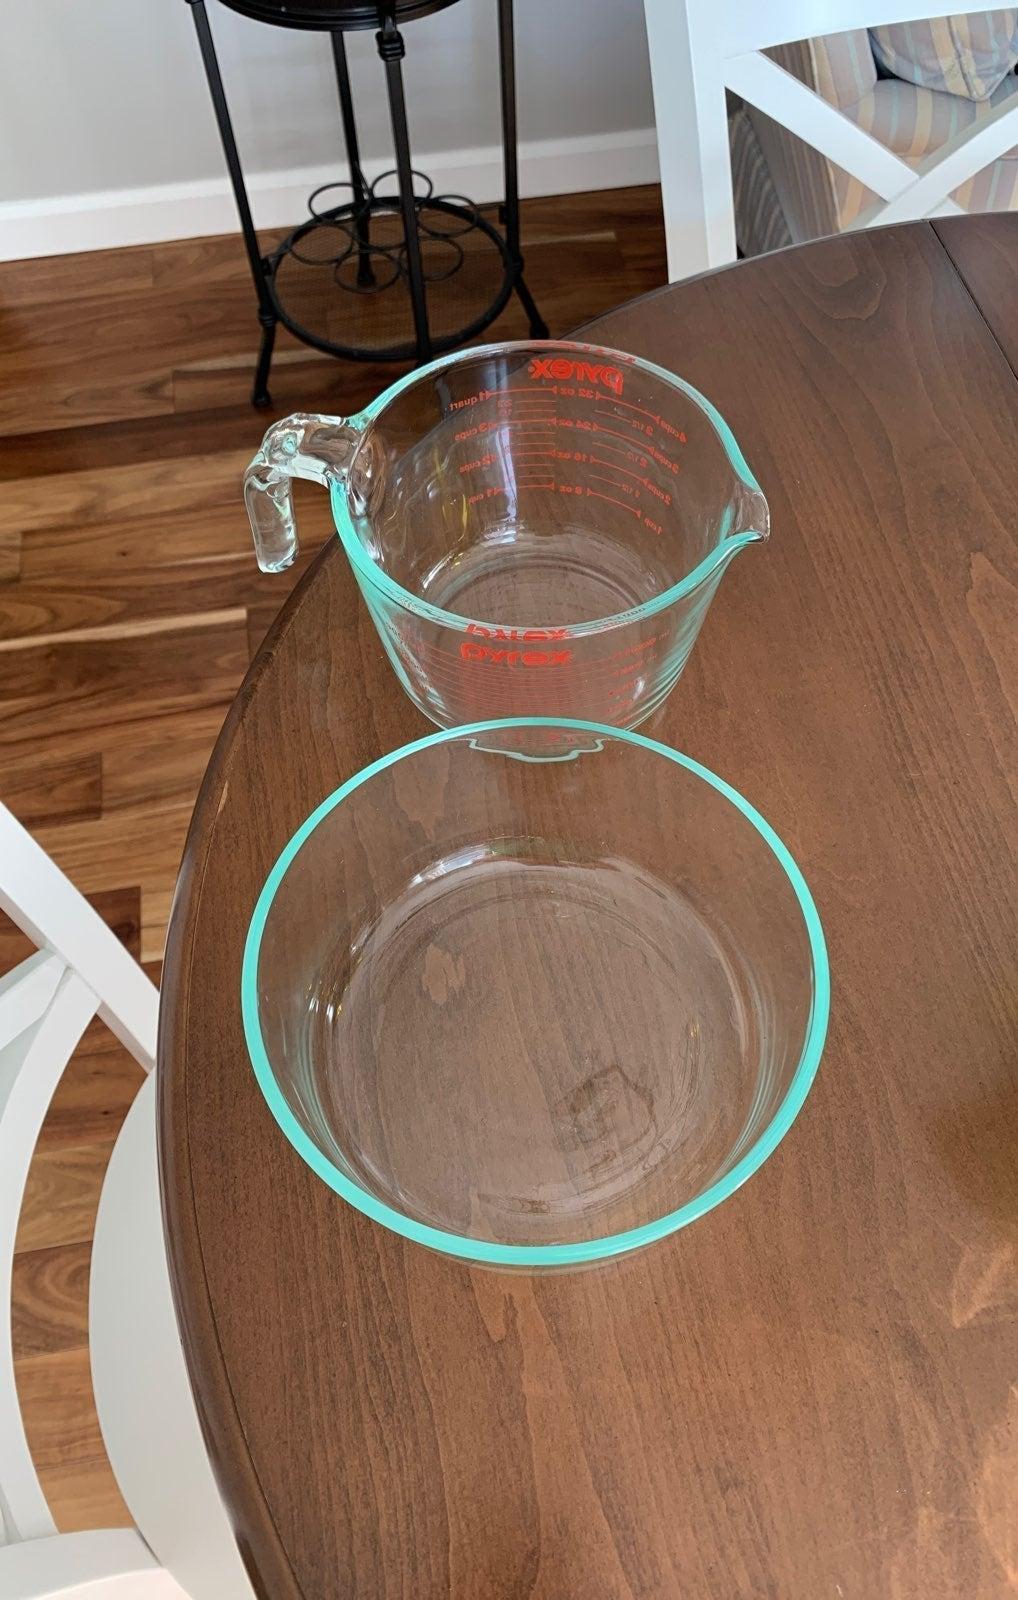 Pyrex 1.75 quarts bowl and 4 cups measur